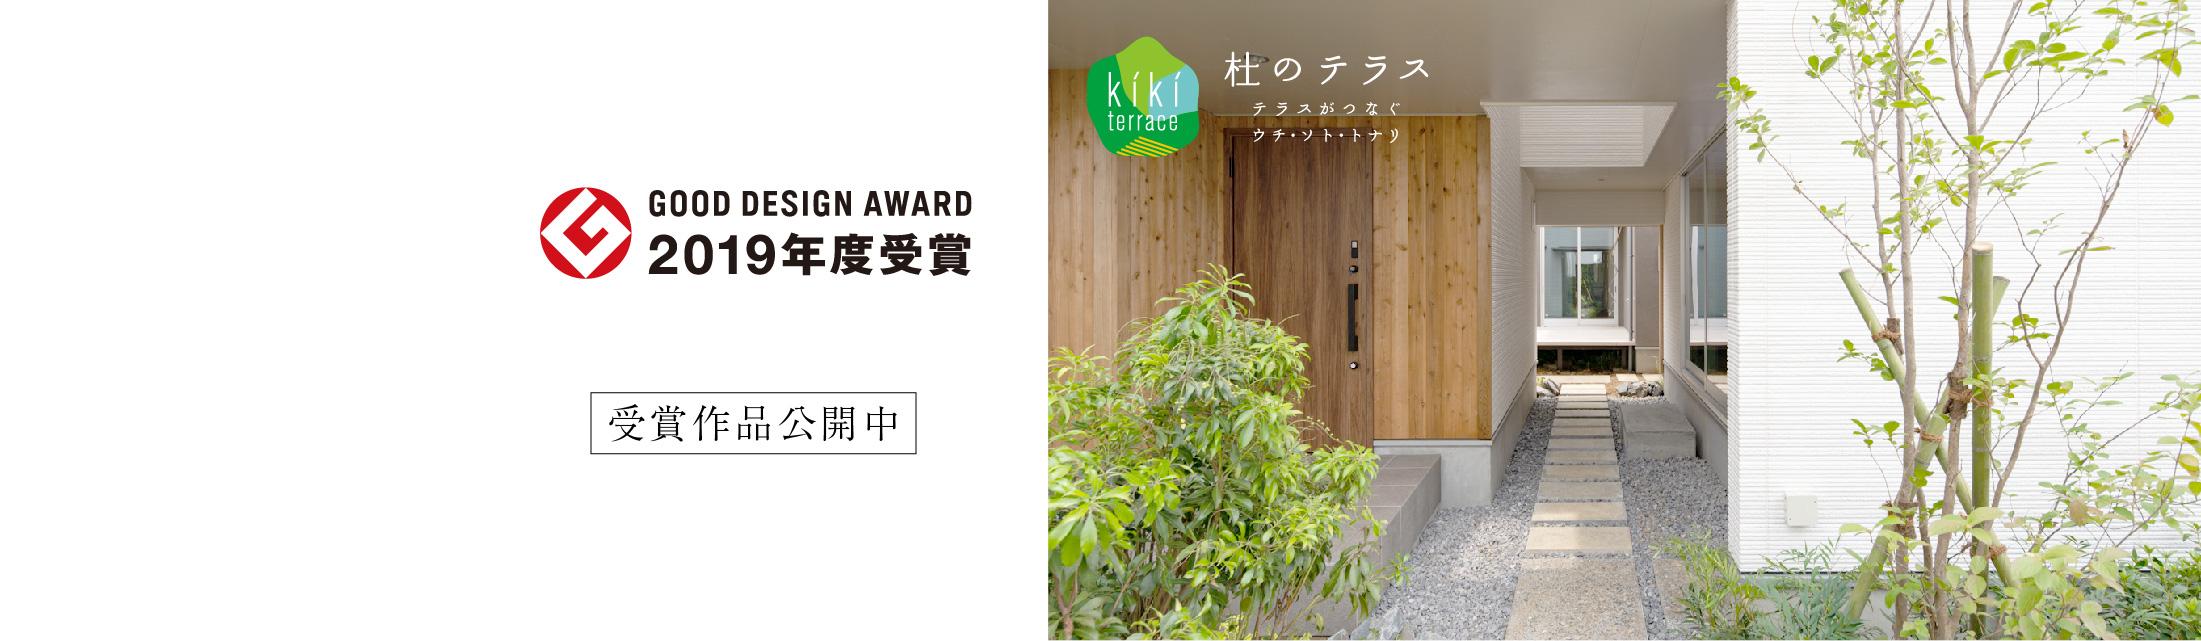 キキテラス グッドデザイン賞受賞